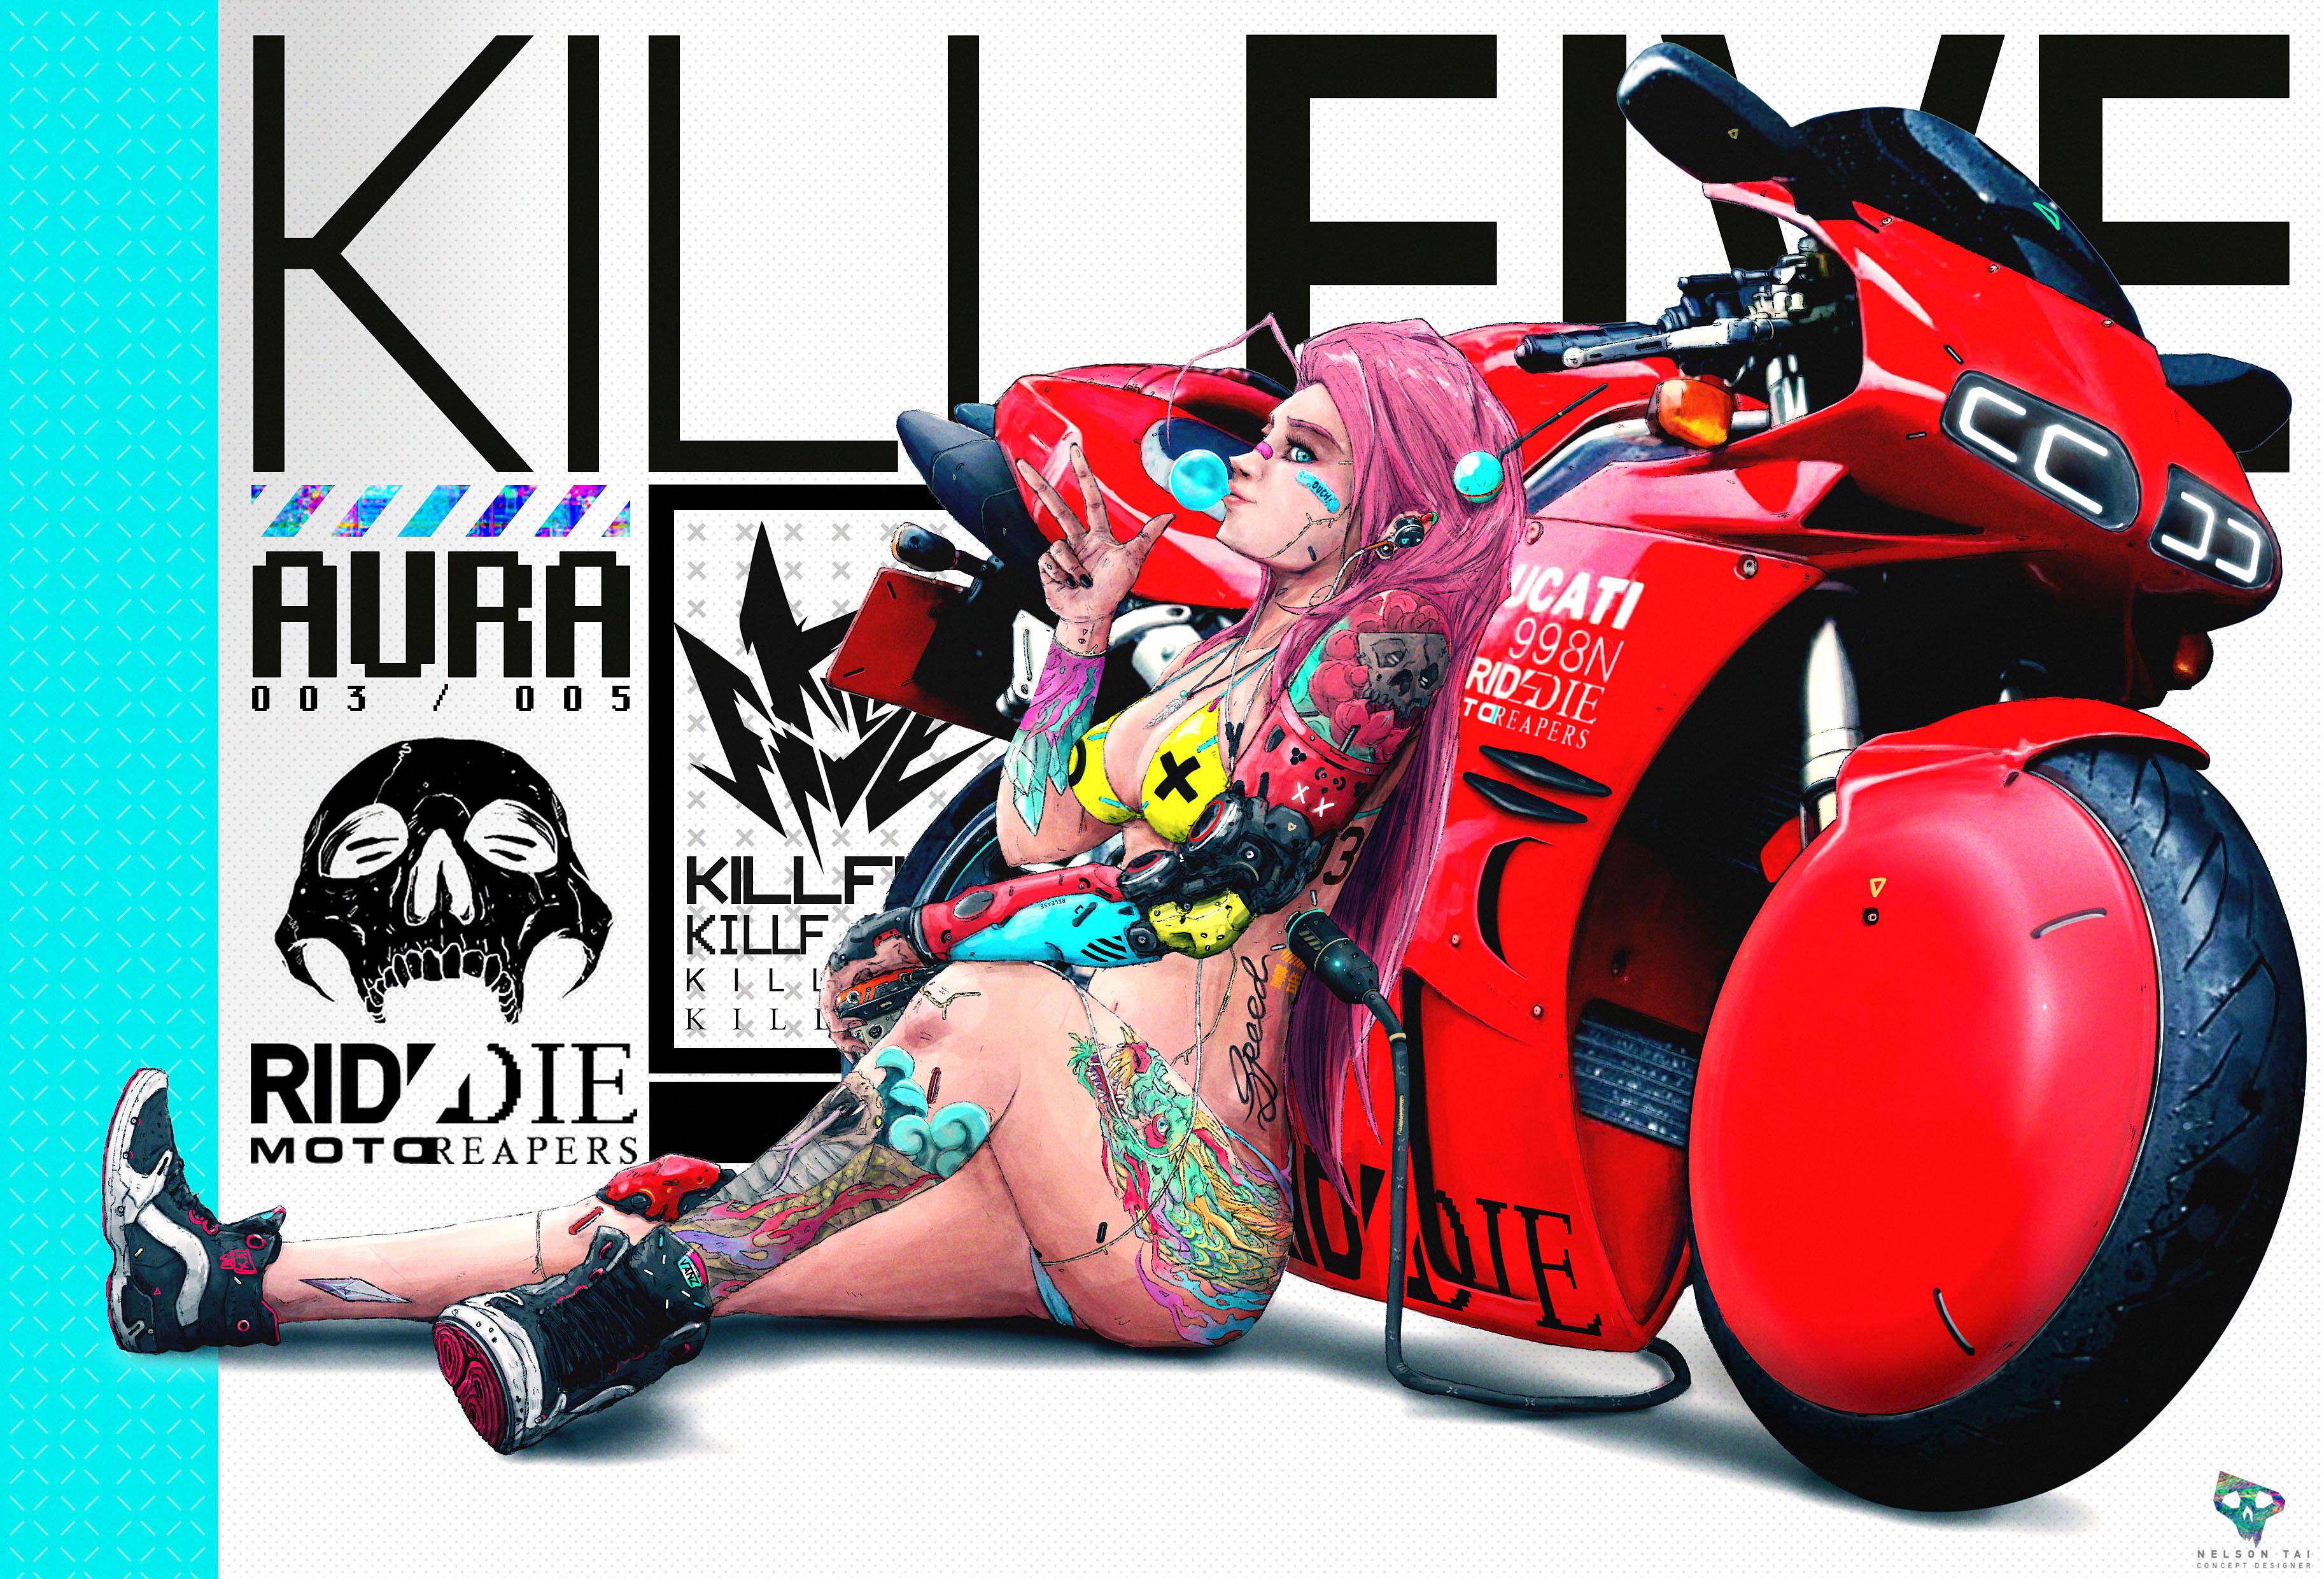 KILLF.I.V.E. crew - AURA. Sexy with attitude...